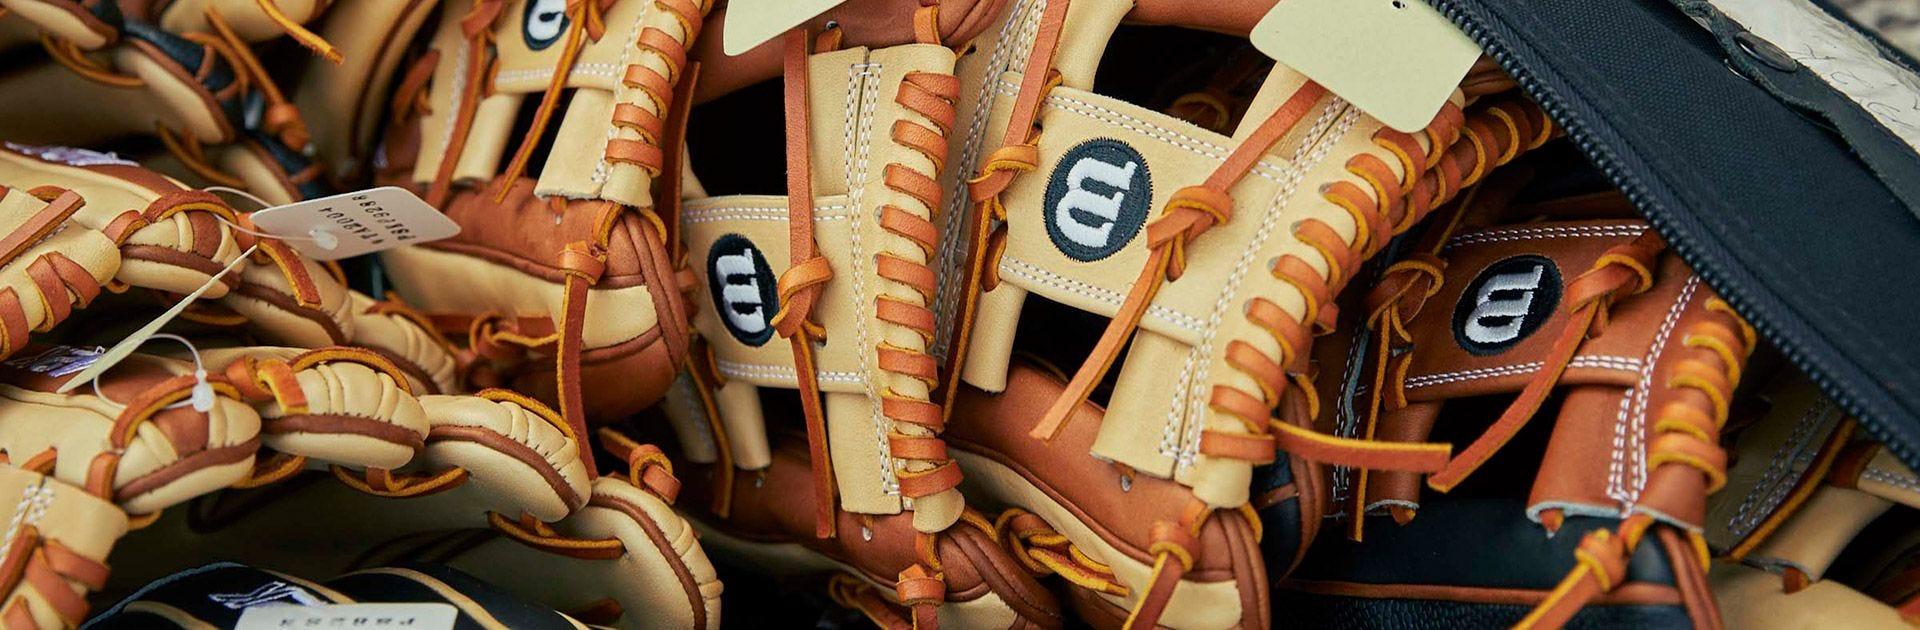 Game model glove close-up